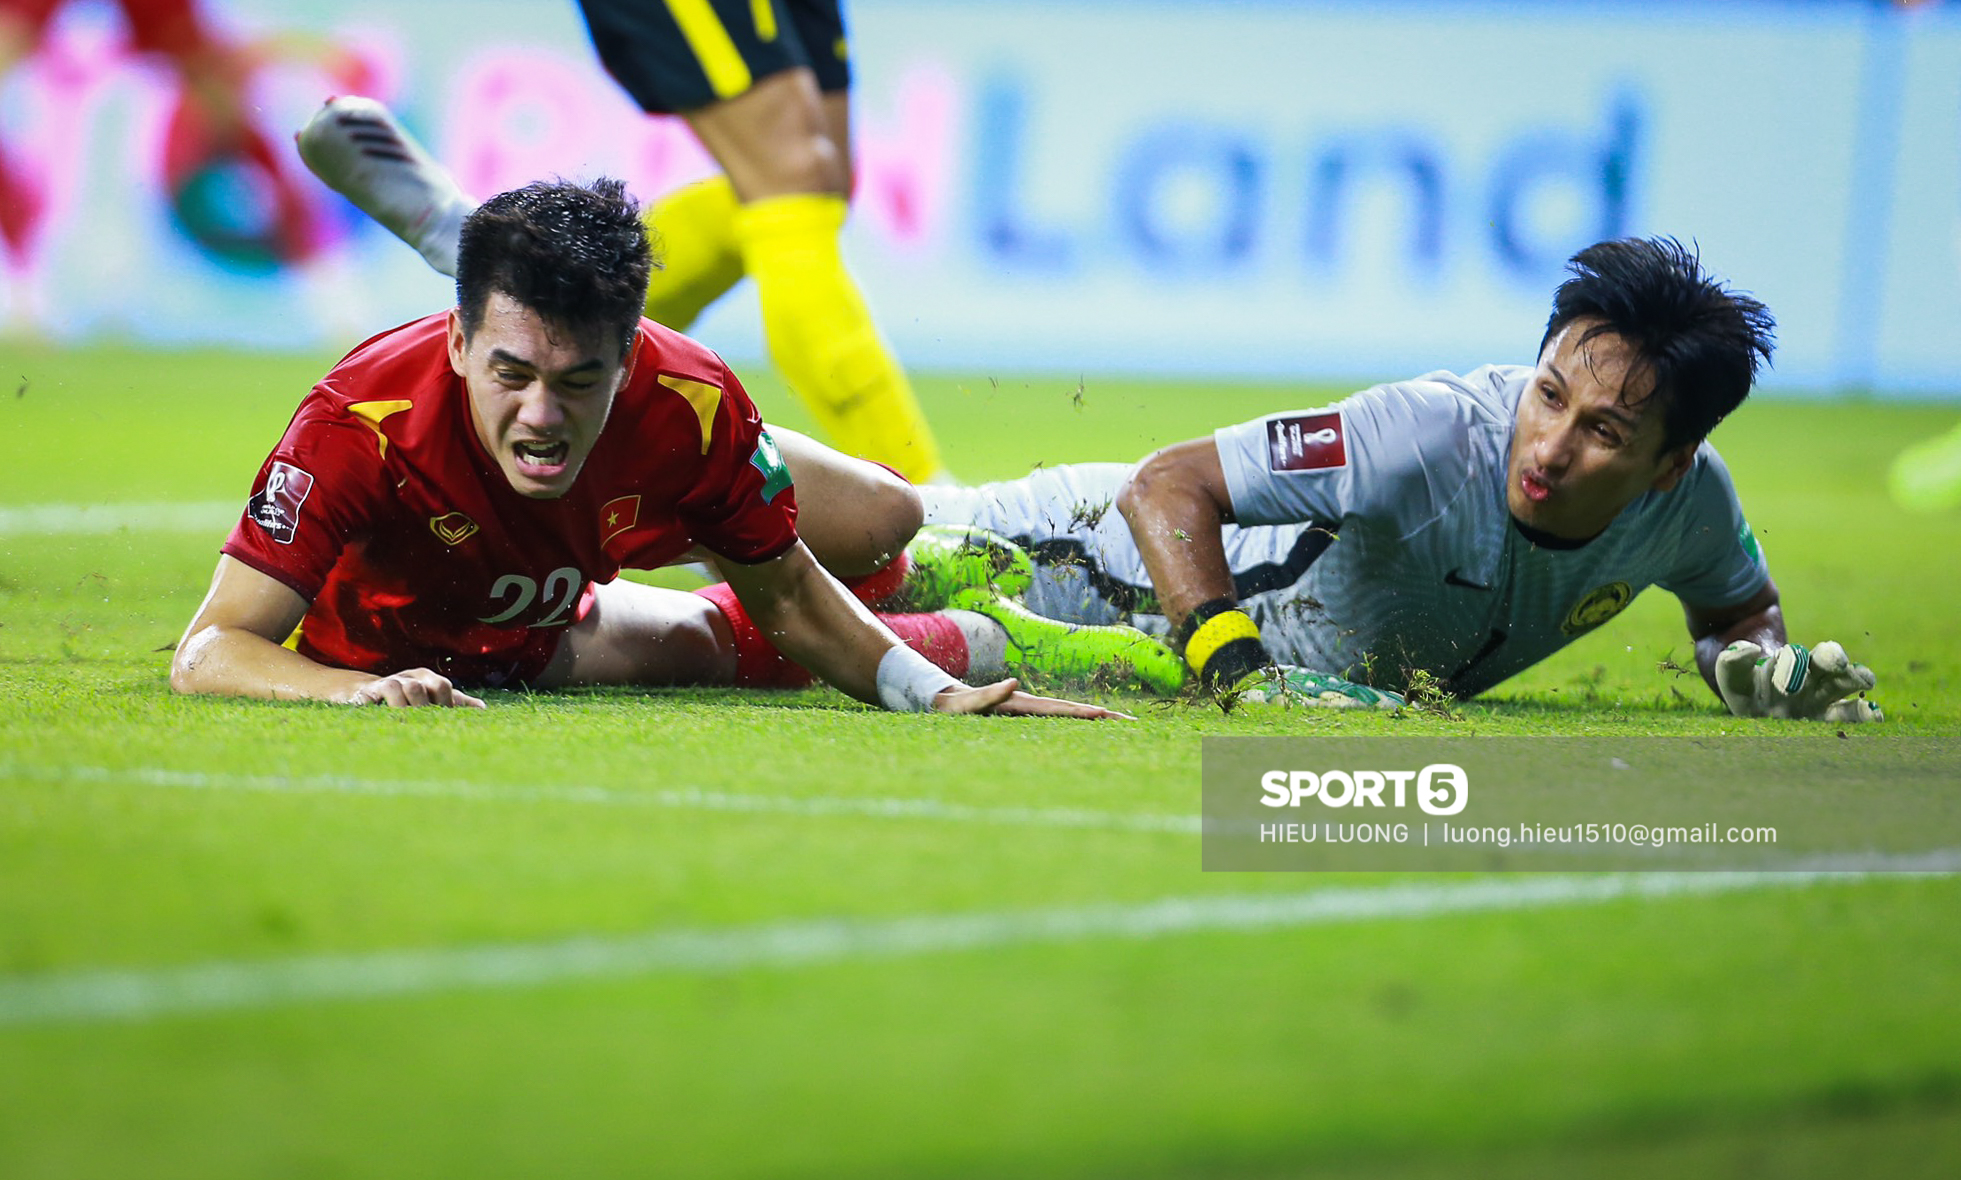 Chùm ảnh tuyển Việt Nam hân hoan với niềm vui chiến thắng Malaysia - ảnh 13